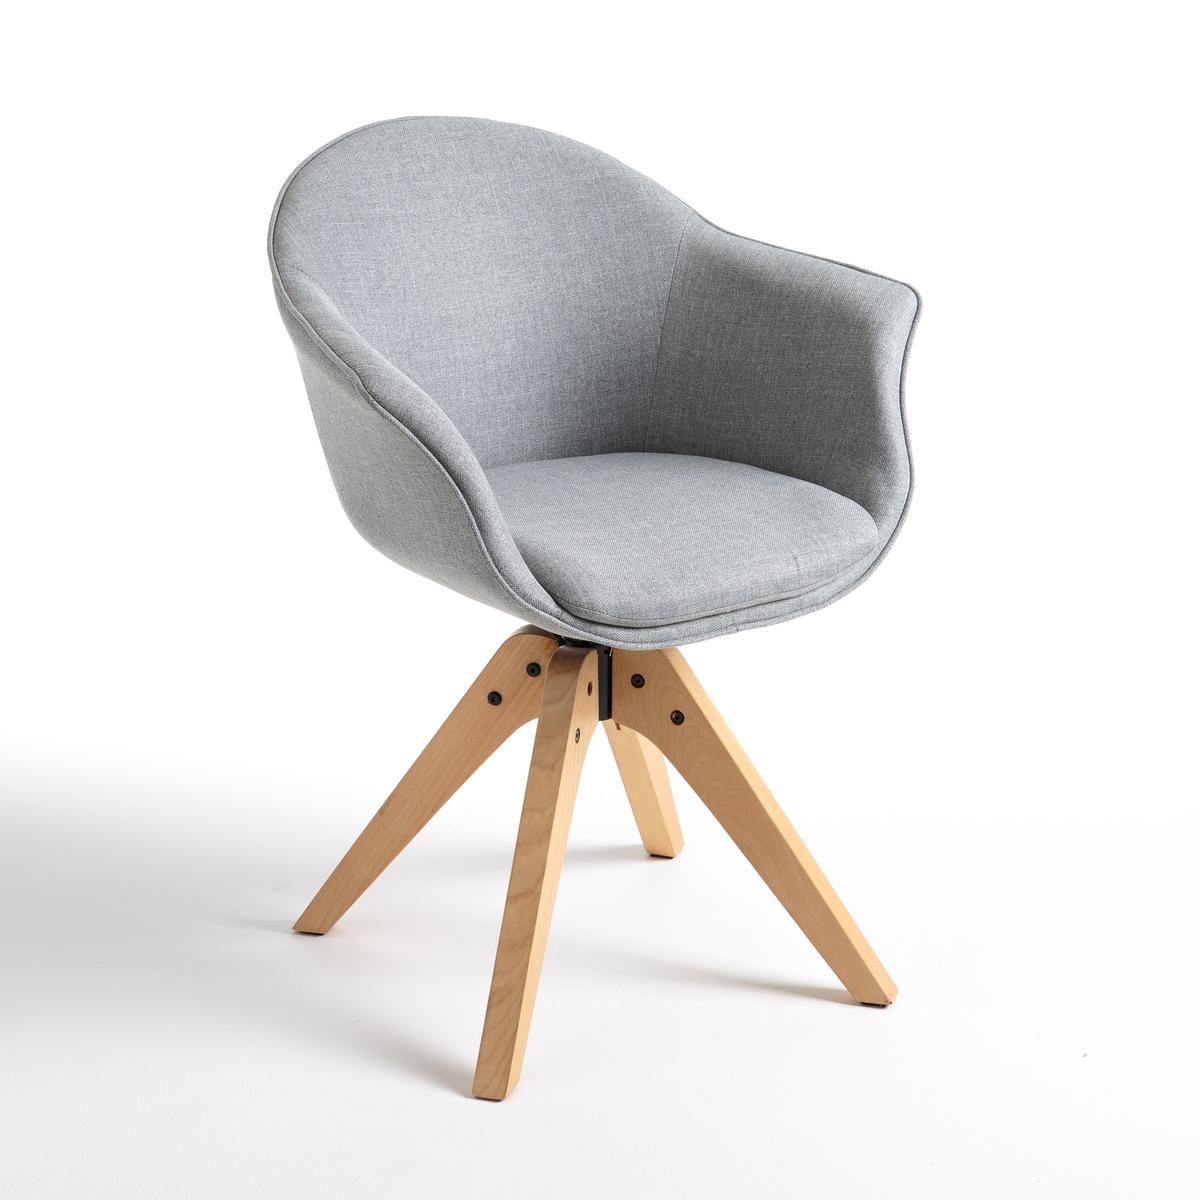 Фото - Кресло LaRedoute Офисное вращающееся Quilda единый размер серый тумба laredoute для телевизора с раздвижными дверцами quilda единый размер каштановый